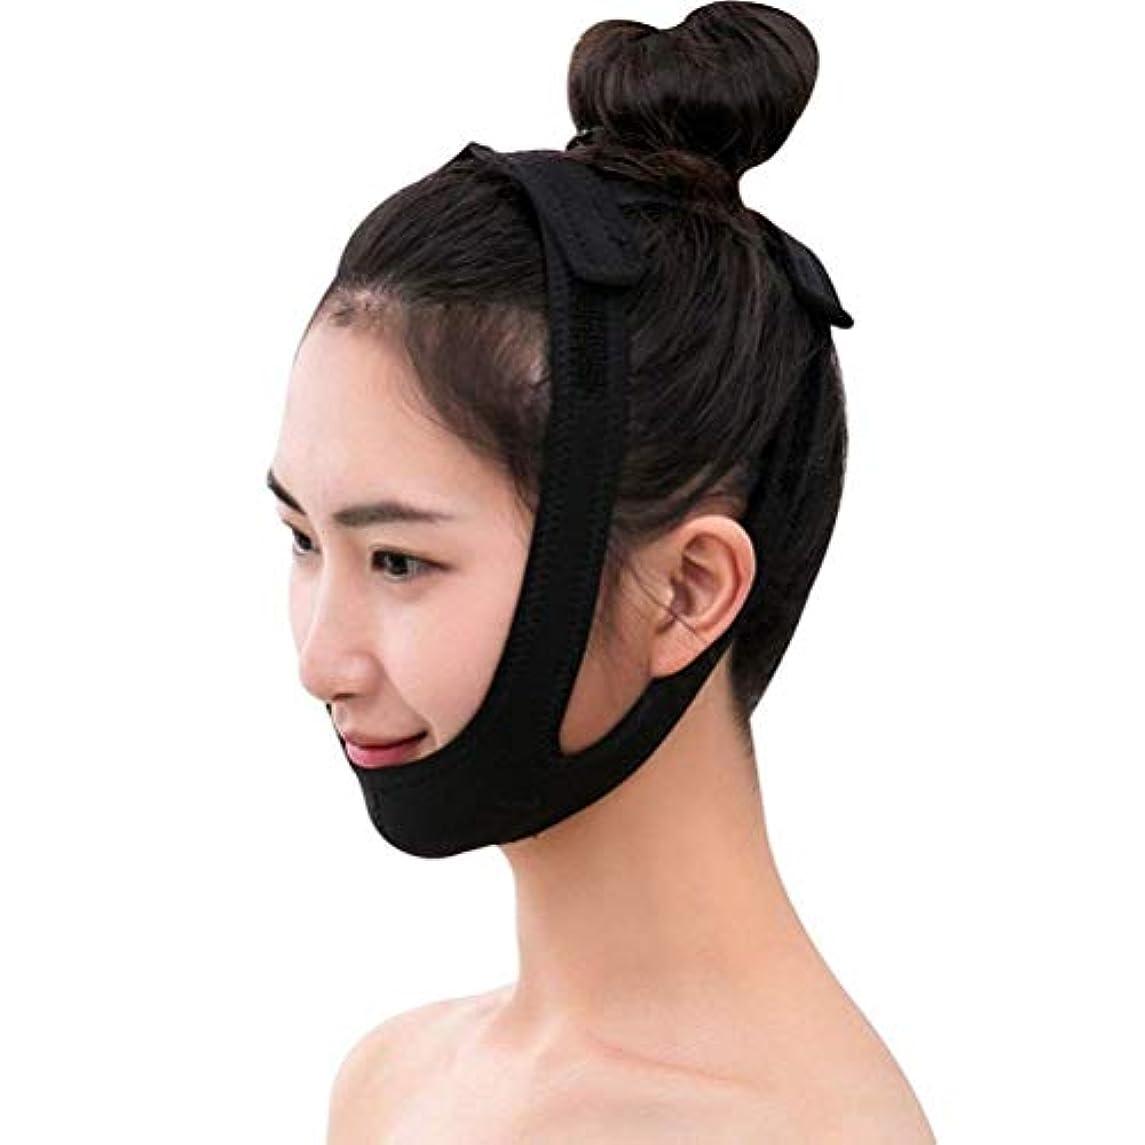 頼む黒人ハイジャックフェイスリフティングマスク、フェイスリフティング包帯V字型マスク/整形およびリフト/二重あごベルト/美容マスクフェイスリフト/縮小二重あご包帯/顔面矯正ベルト